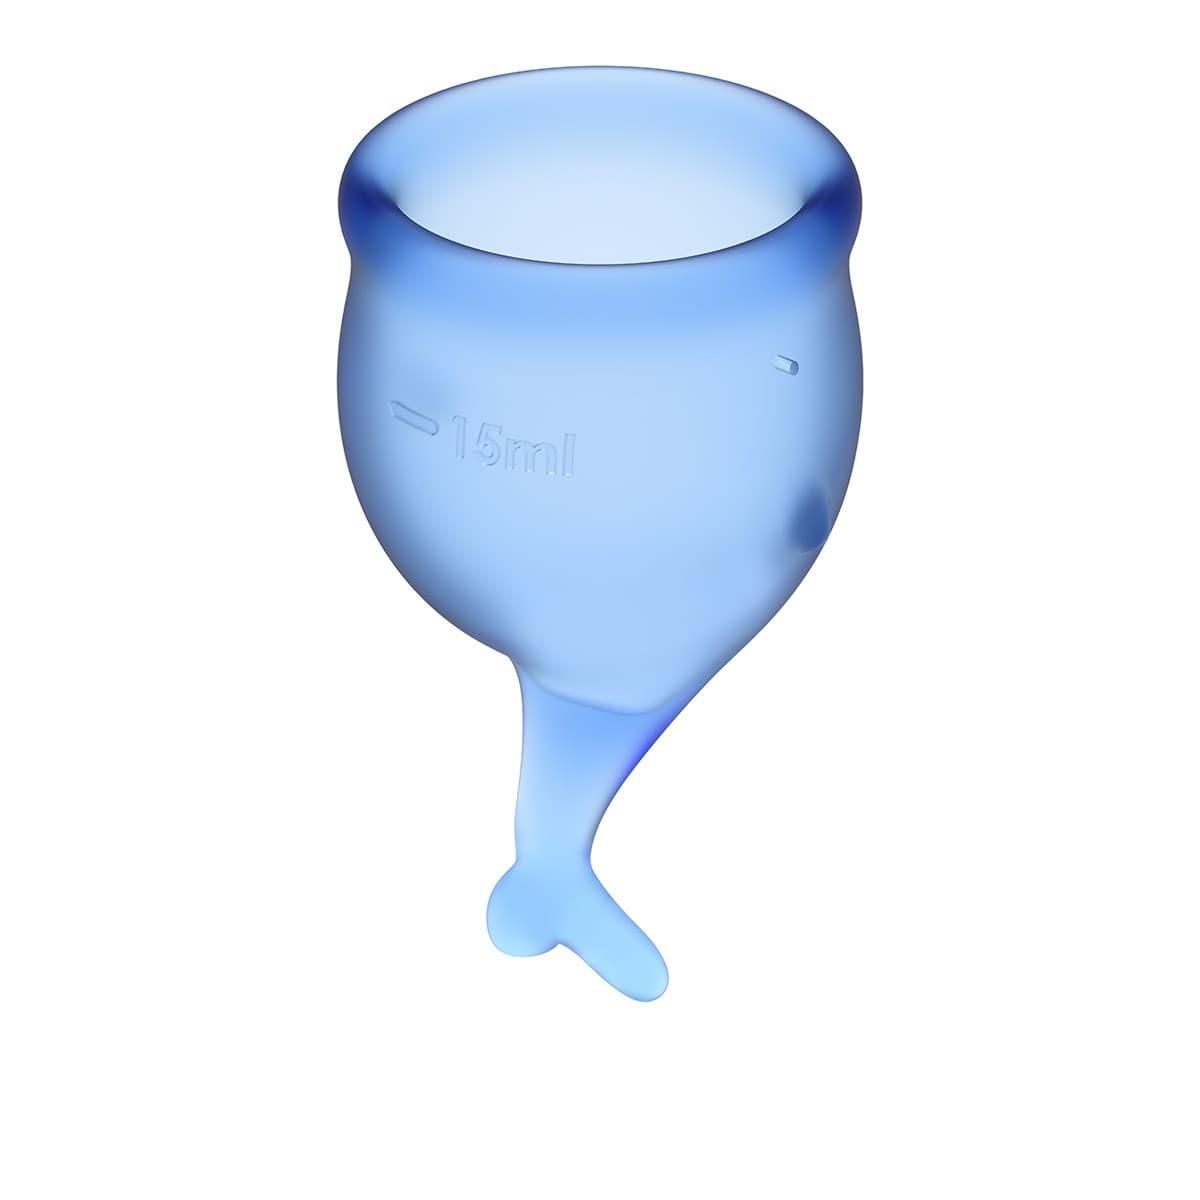 Satisfyer Feel Secure Menstrual Cup, Набор Менструальных Чаш - фото 18770